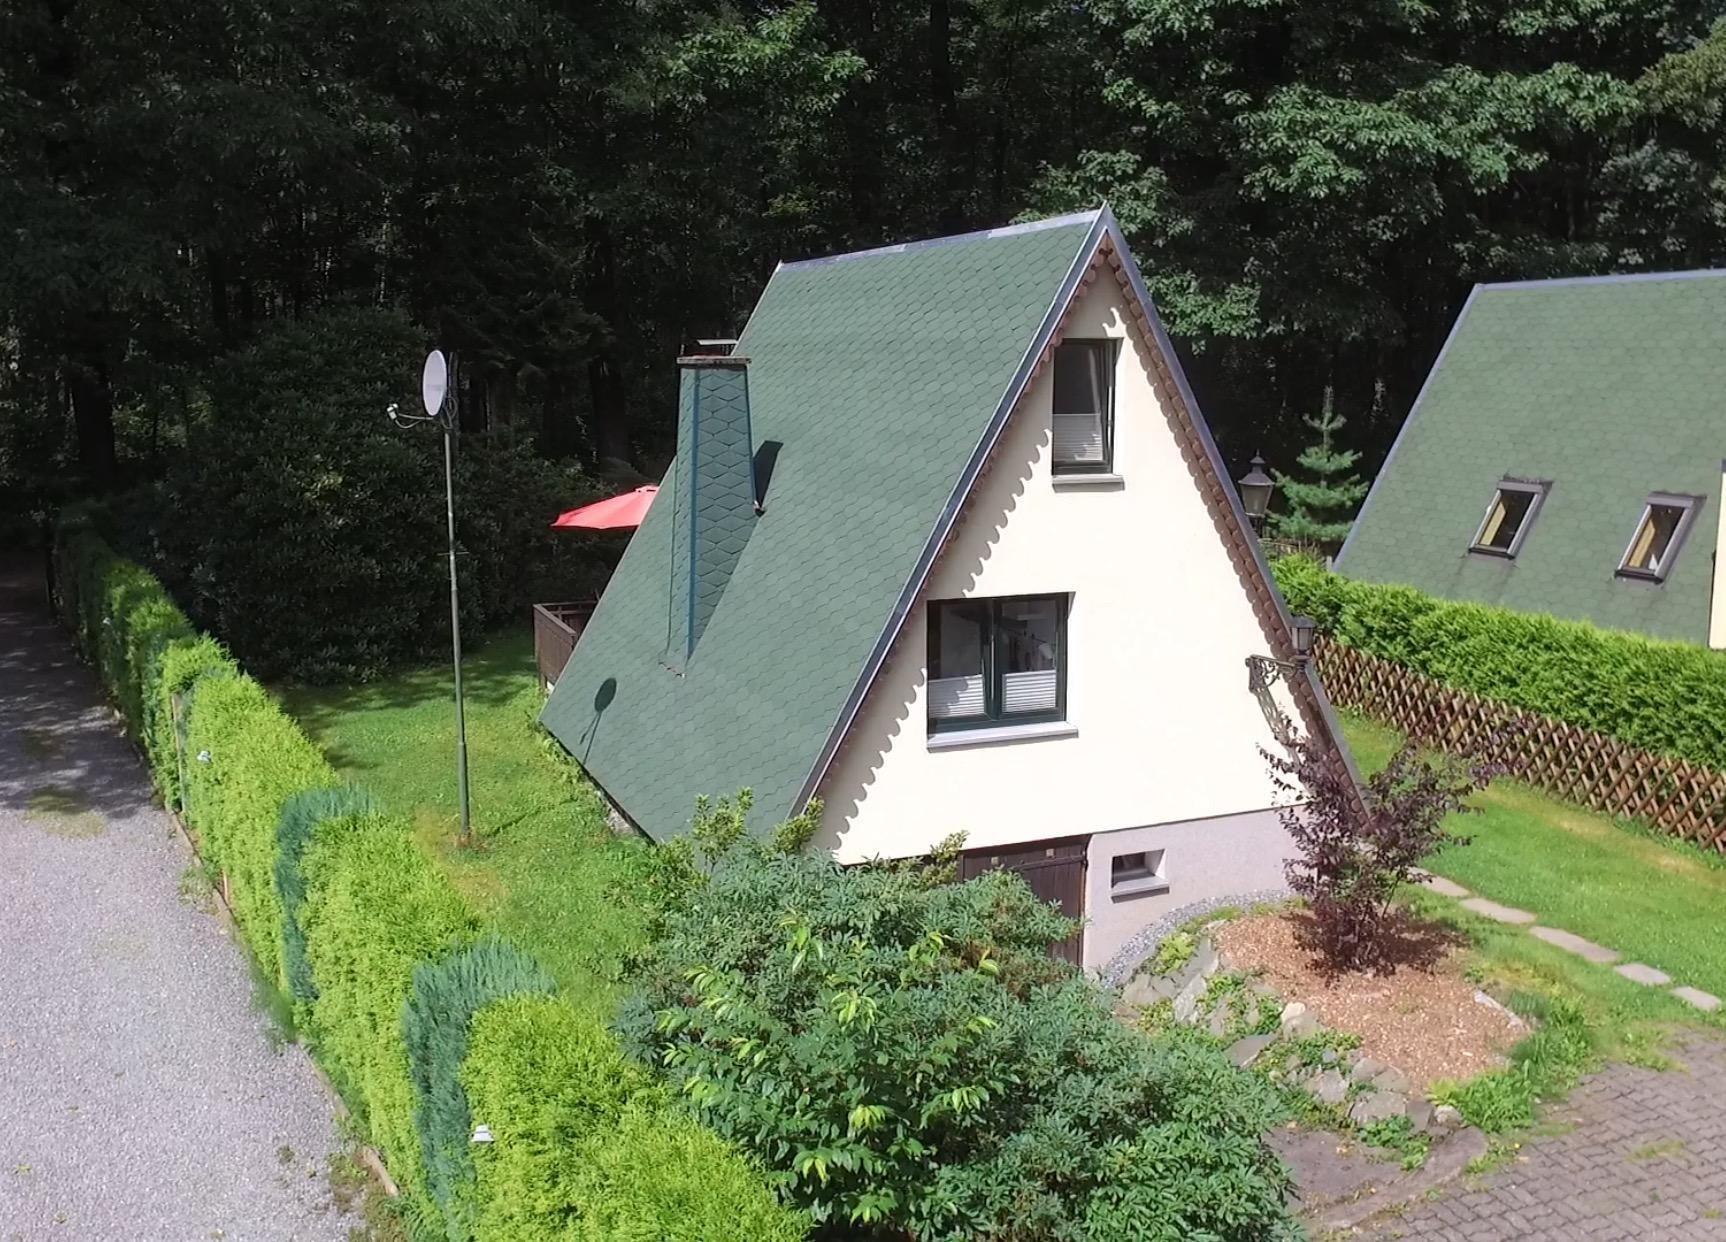 Ferienhaus für 2 Personen  + 1 Kind ca. 40 m&  in Sachsen